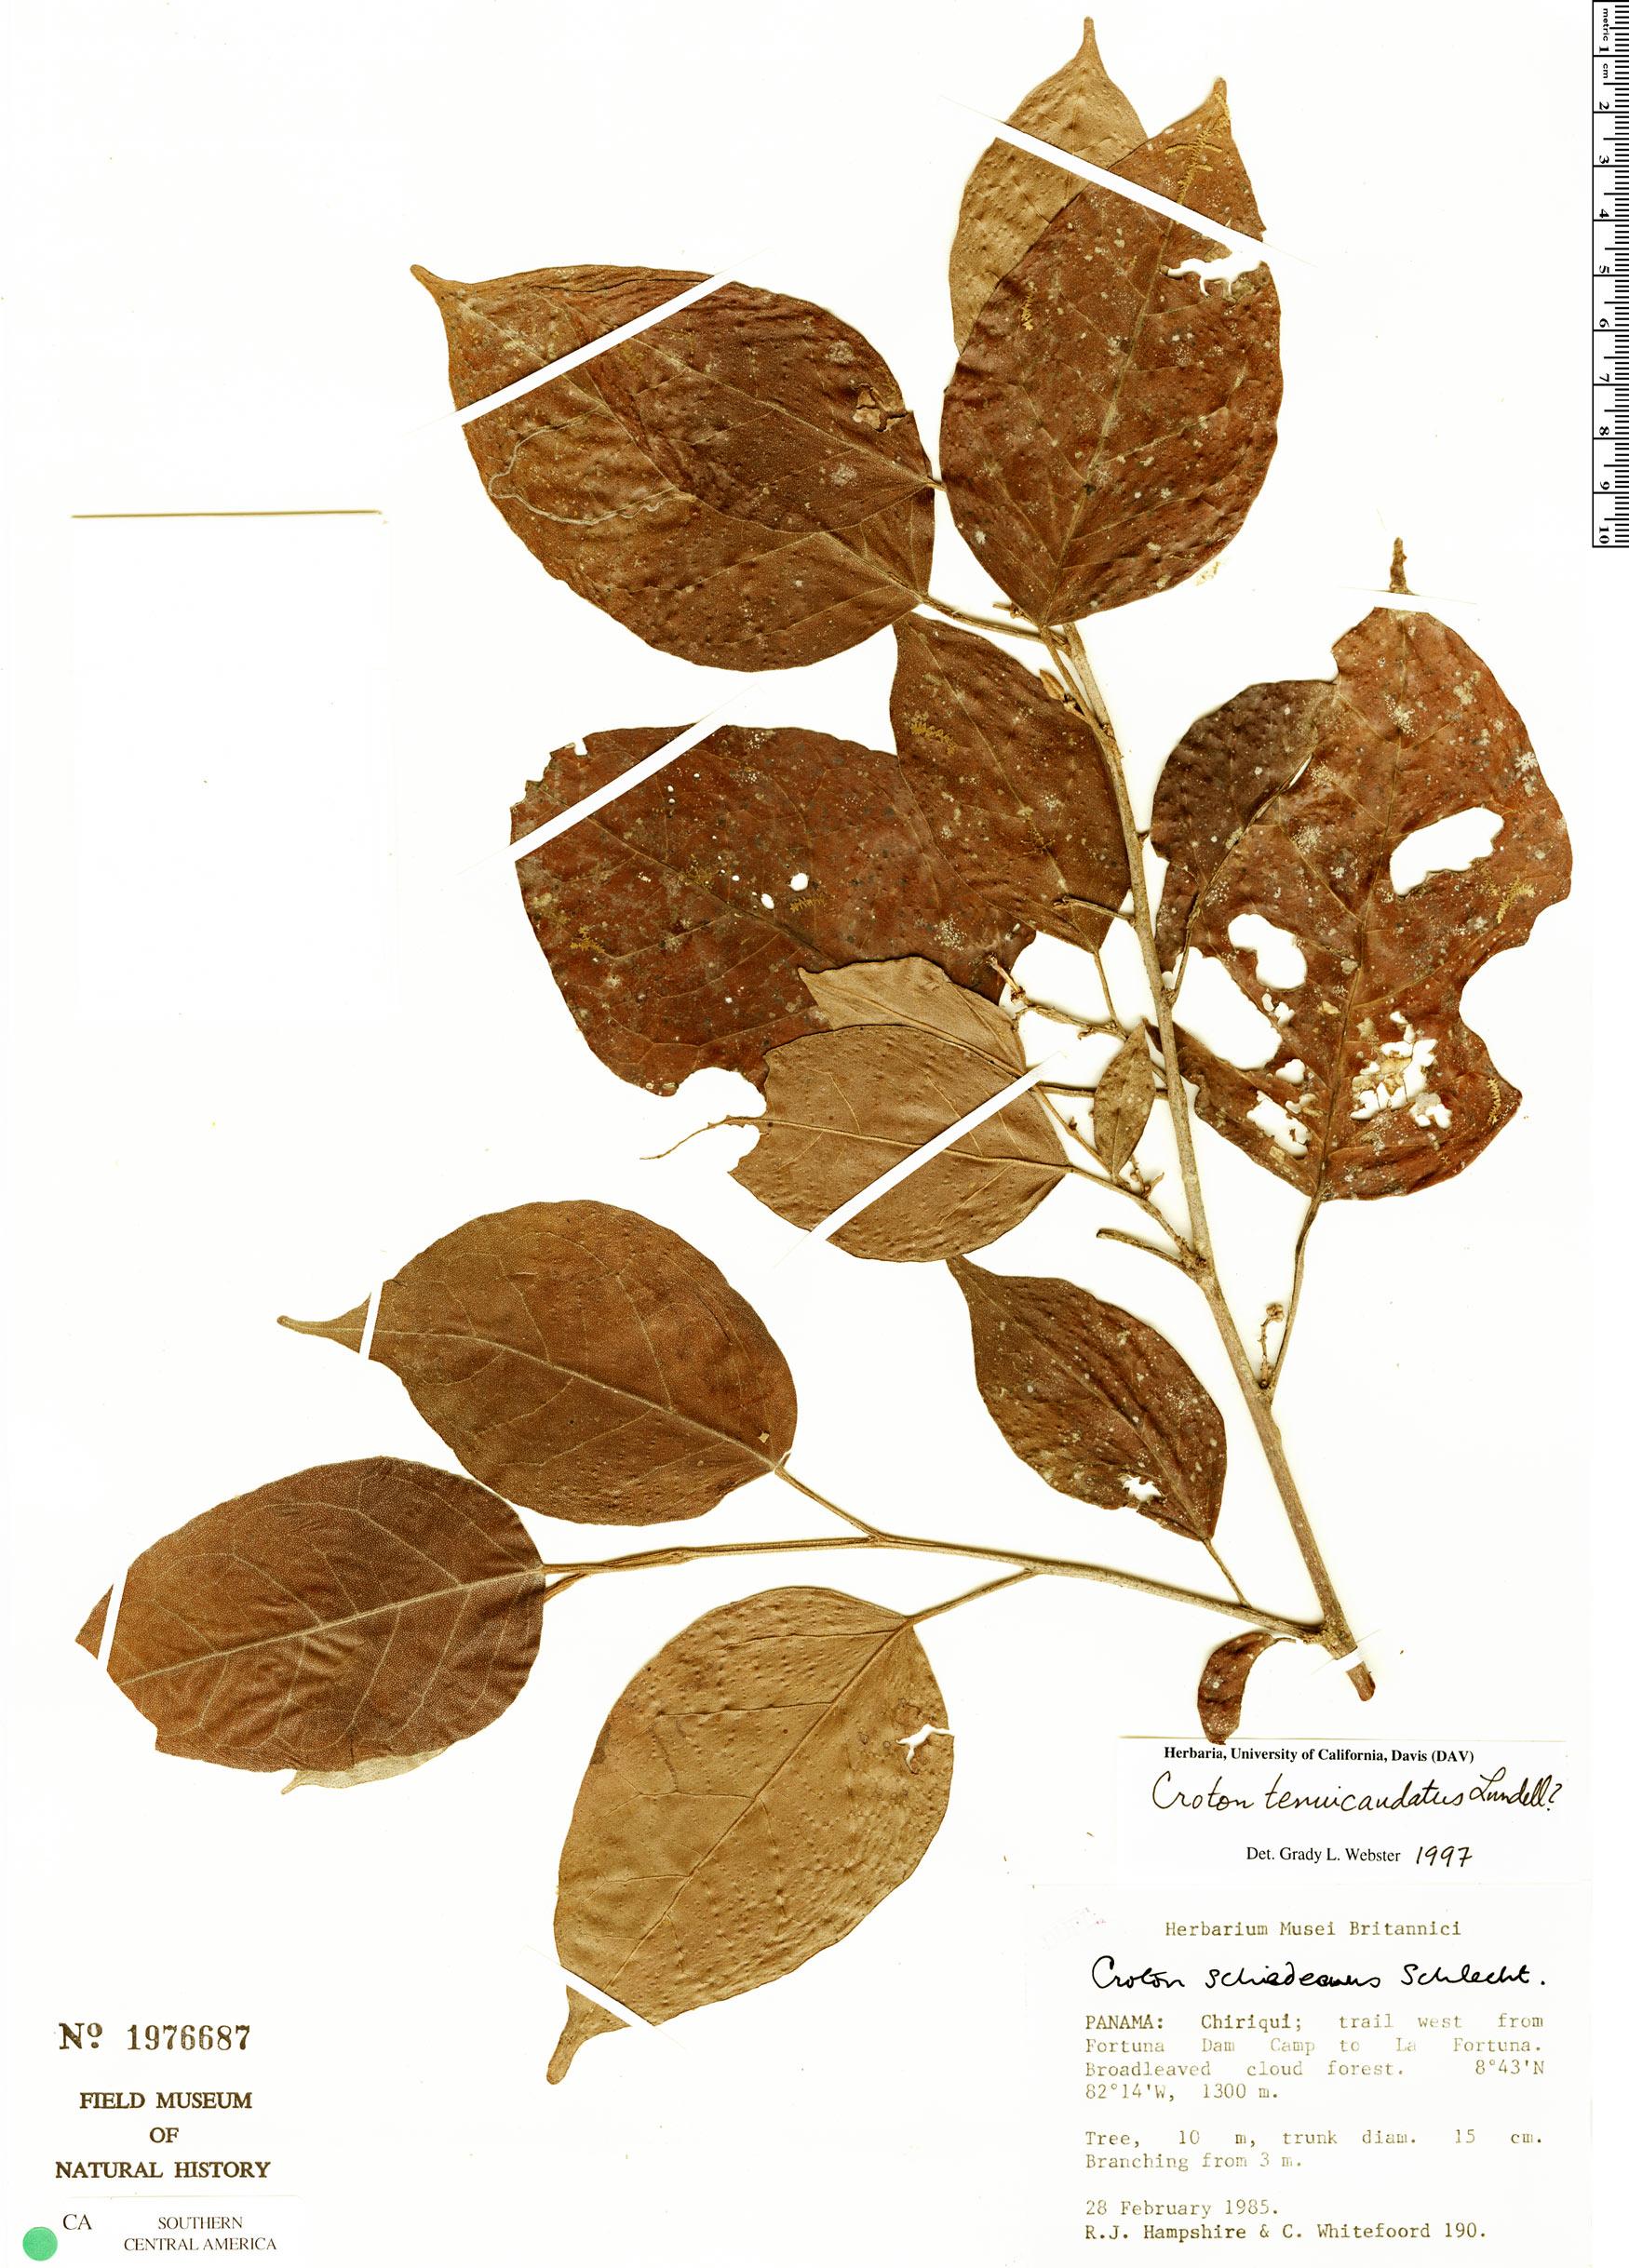 Specimen: Croton tenuicaudatus